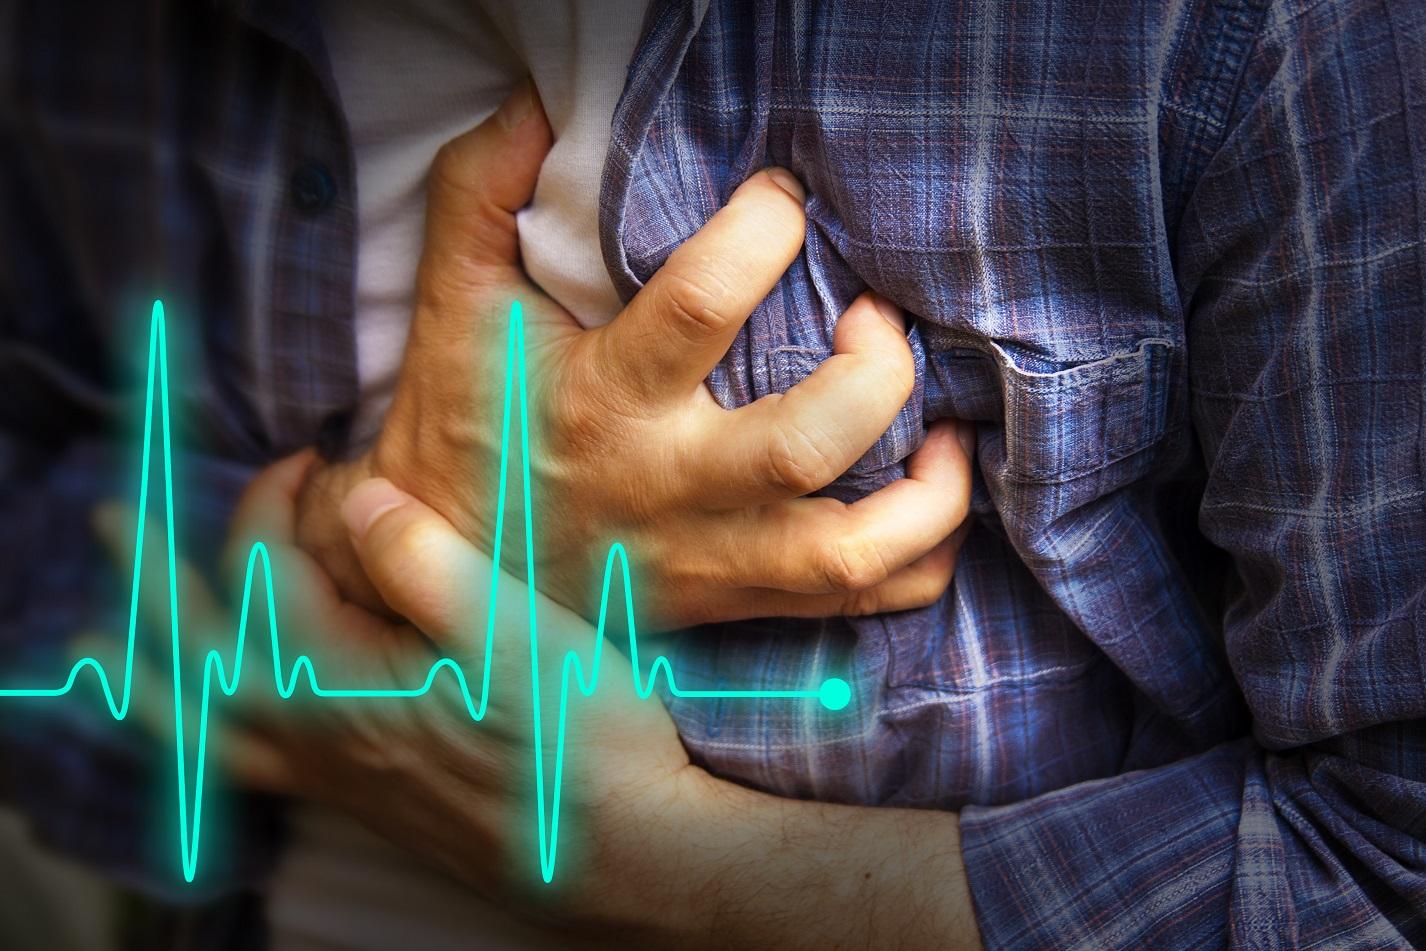 Fatos sobre ataques cardíacos que você deveria saber